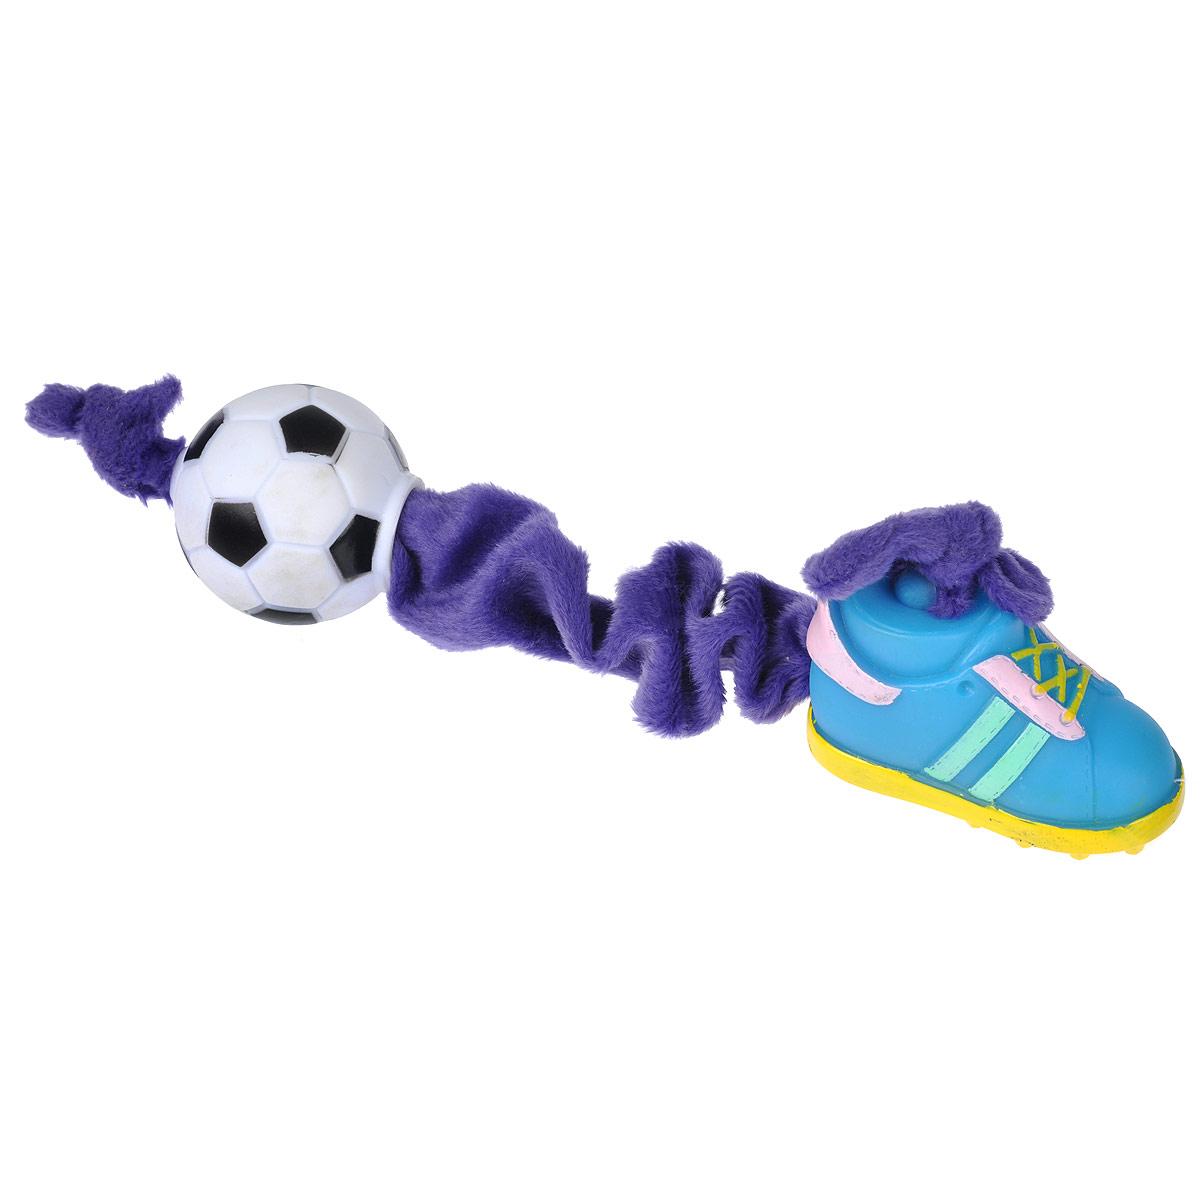 Игрушка для собак I.P.T.S. Ботинок и мяч, цвет: фиолетовый, голубой16269/620166Игрушка I.P.T.S. Ботинок и мяч, изготовленная из текстиля и резины, выполнена в виде мяча с одной стороны и ботинка с другой. Эластичная веревка позволяет собаке активно играть. Такая игрушка не навредит здоровью вашего питомца и увлечет его на долгое время. Общая длина игрушки: 24-32 см. Диаметр мяча: 5 см. Размер ботинка: 7,5 см х 4 см х 5,5 см.